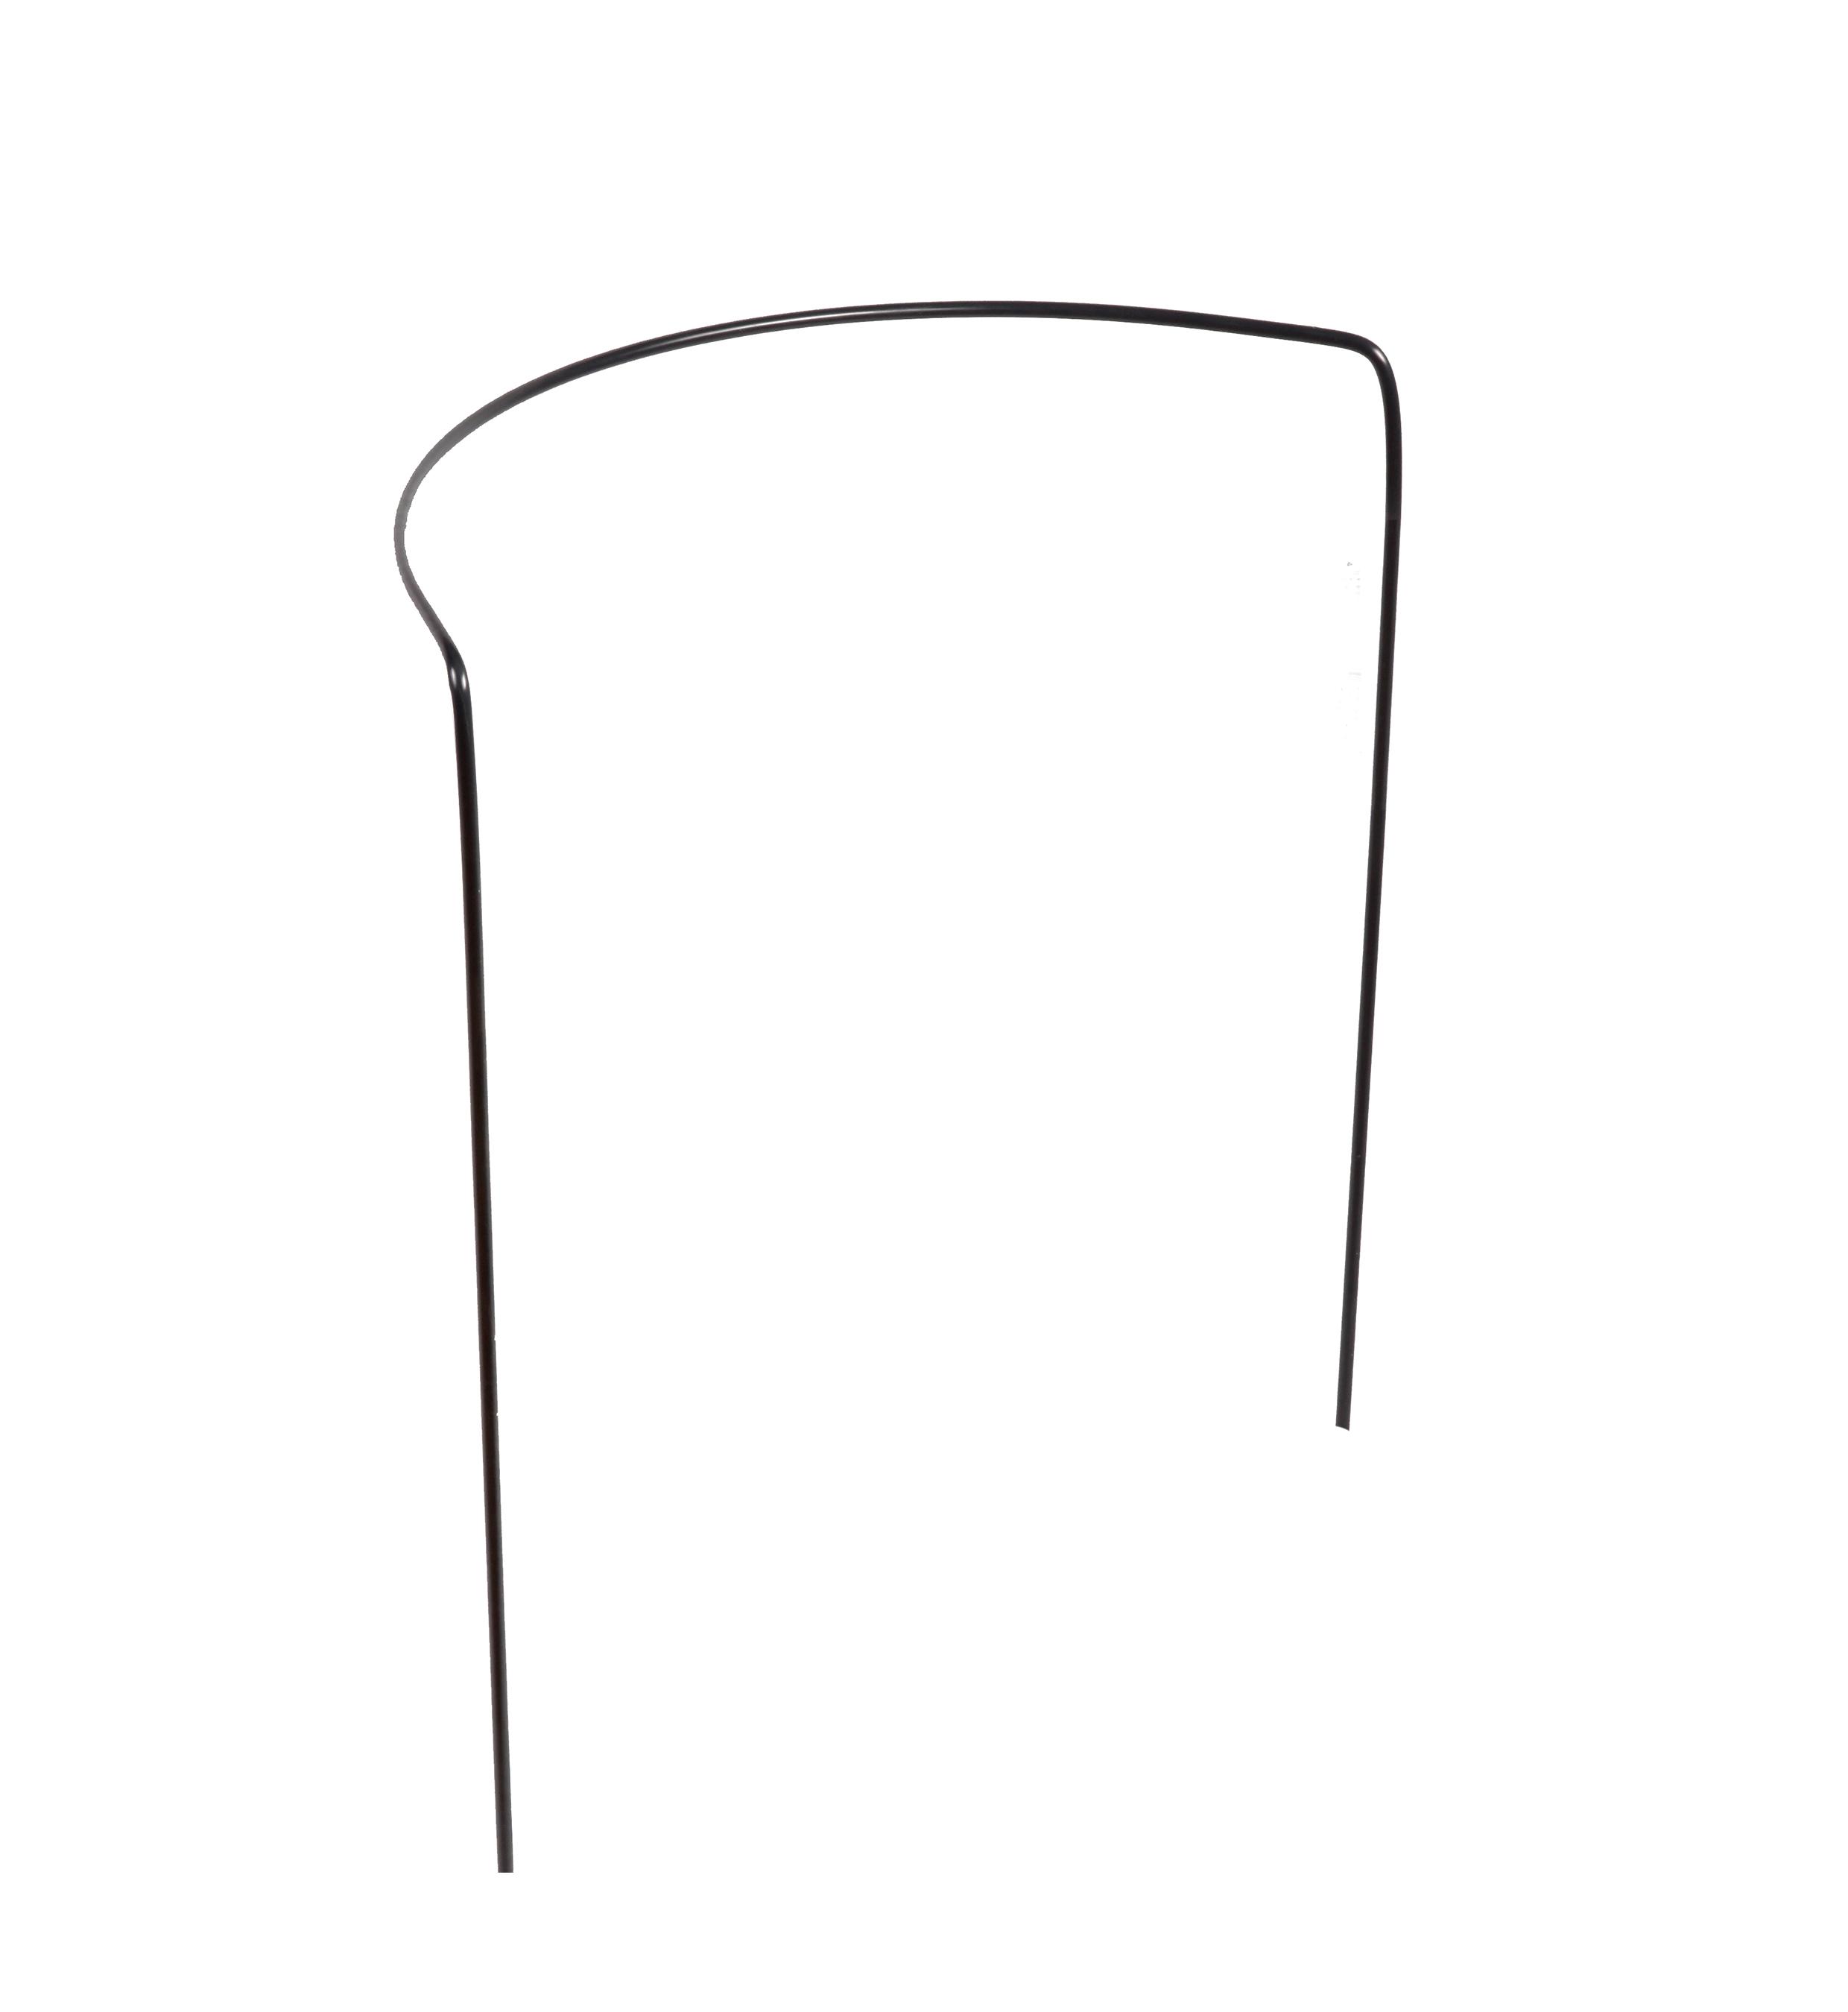 Strauchstütze / Buschstütze Classic floraworld Höhe 70cm anthrazit Bild 1